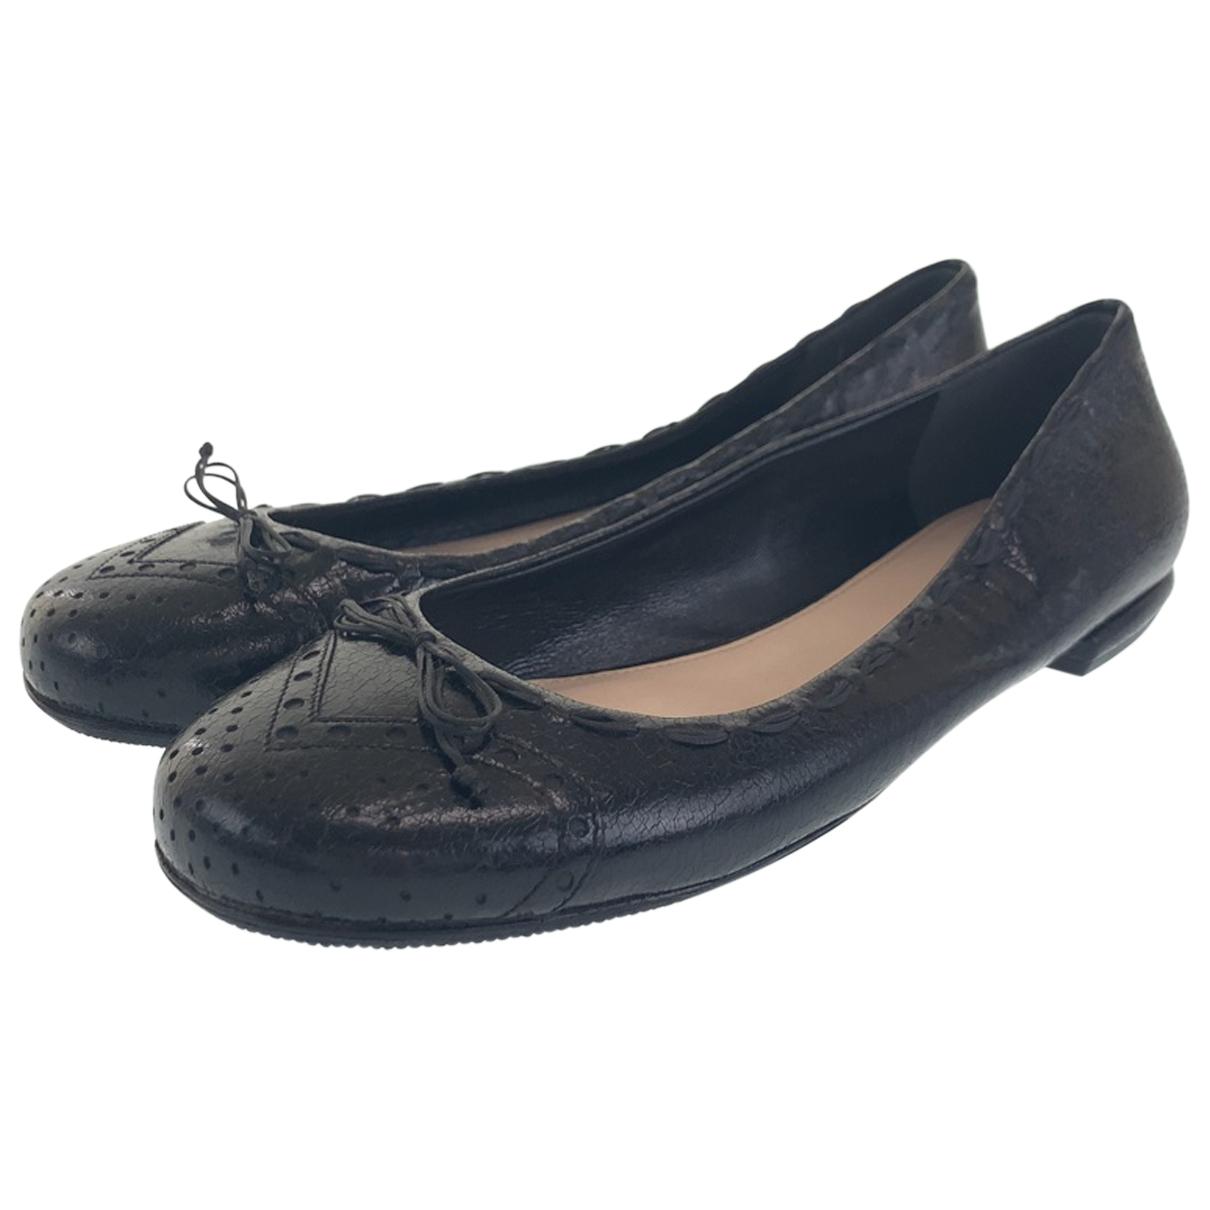 Prada N Leather Heels for Women 9 US